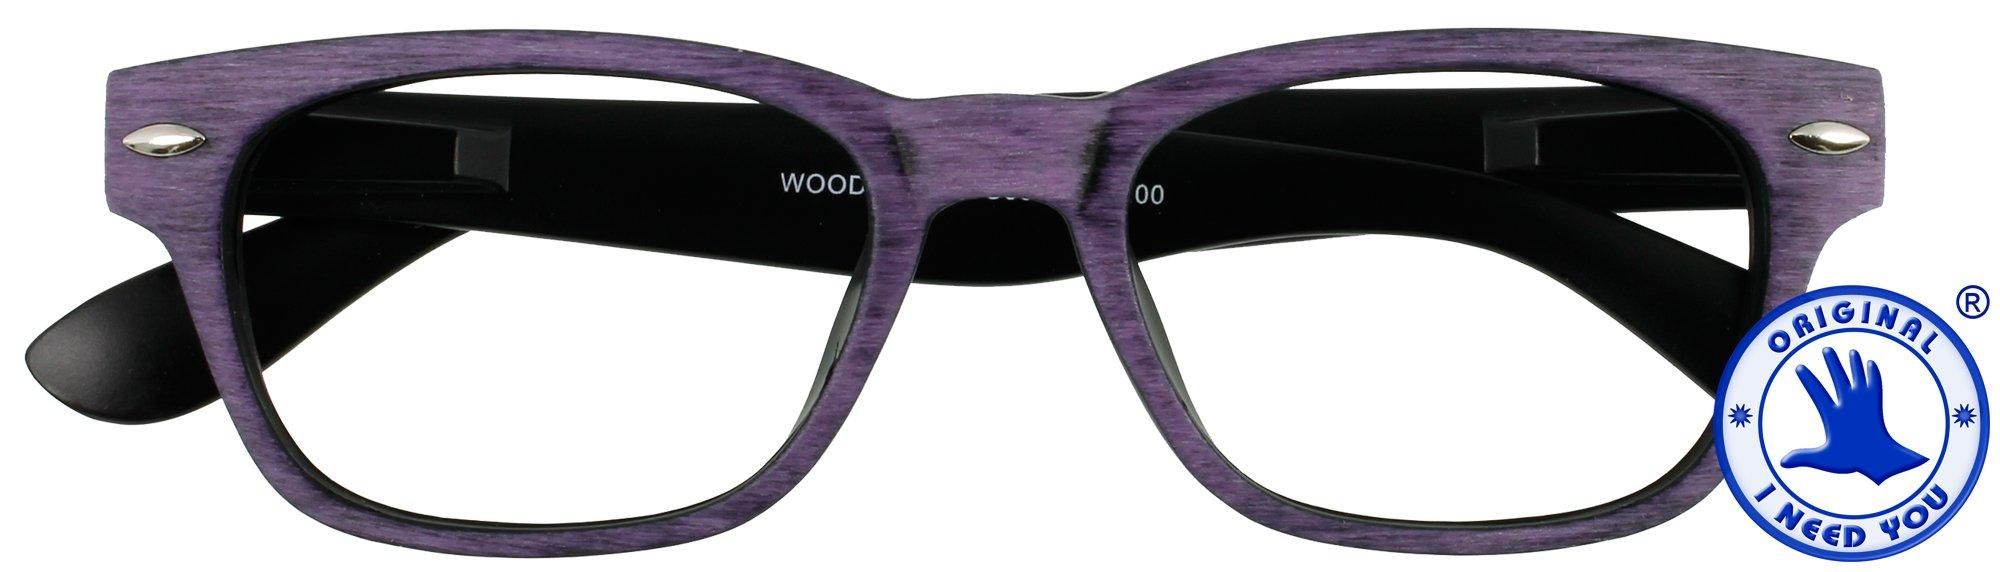 Woody Wood in 4 verschiedenen Farben, Stärke von +1,00 - +3,00 Dioptrien-braun-+ 1,50